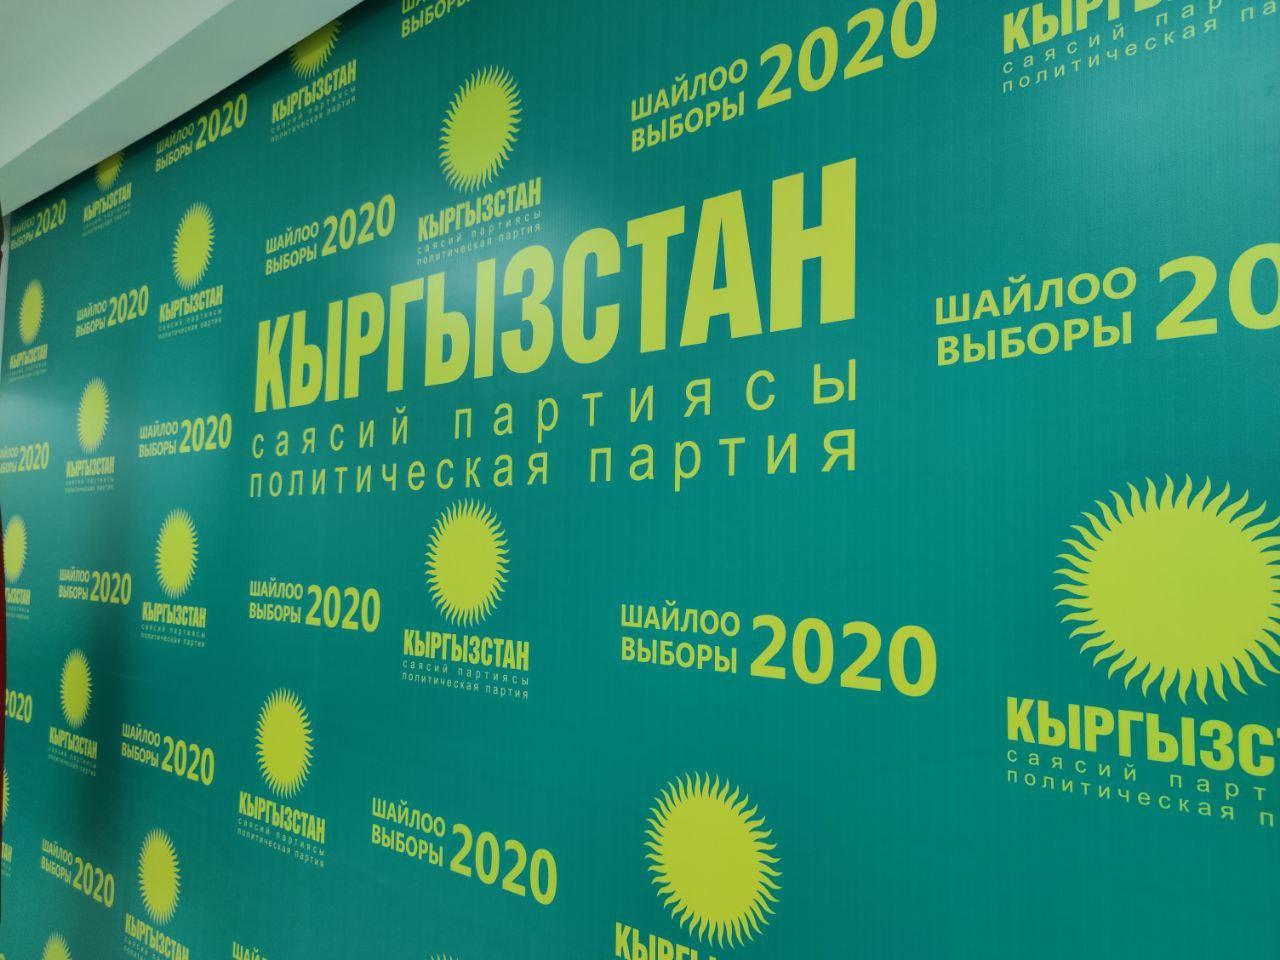 """""""Кыргызстан"""" партиясы бийликчил эмес экендигин көрсөттүбү?"""